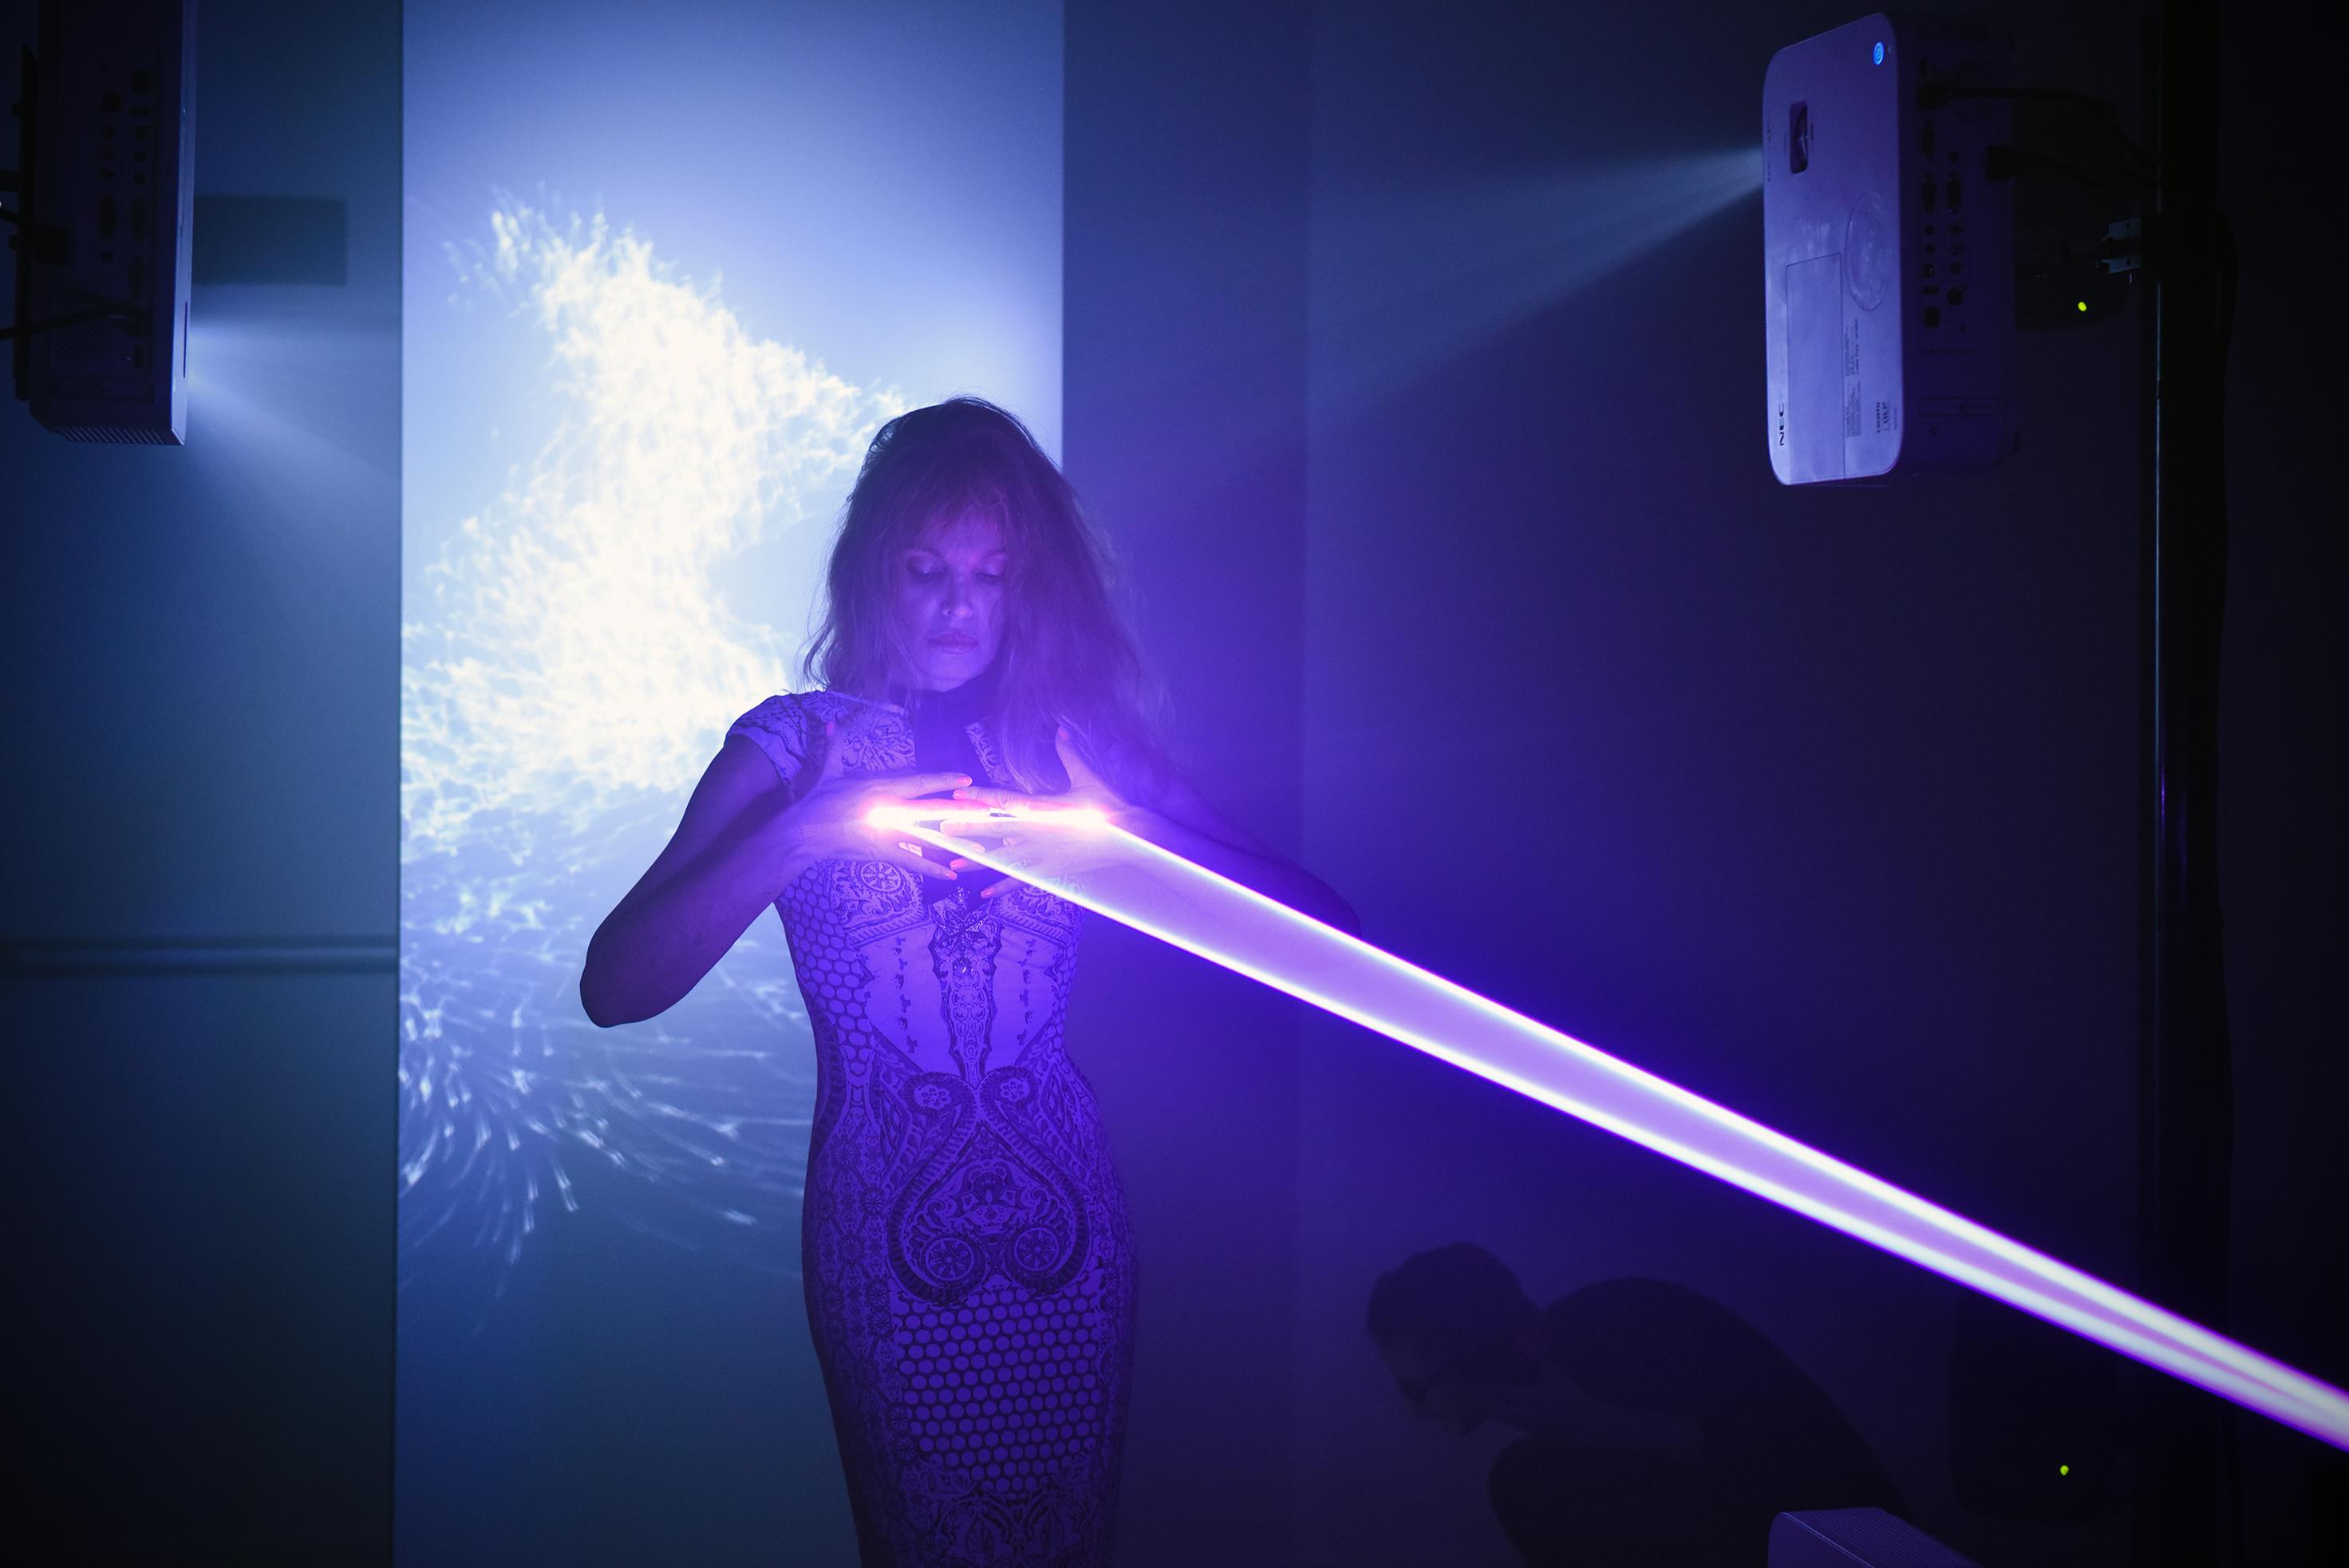 Arielle Dombasie laser TremensS